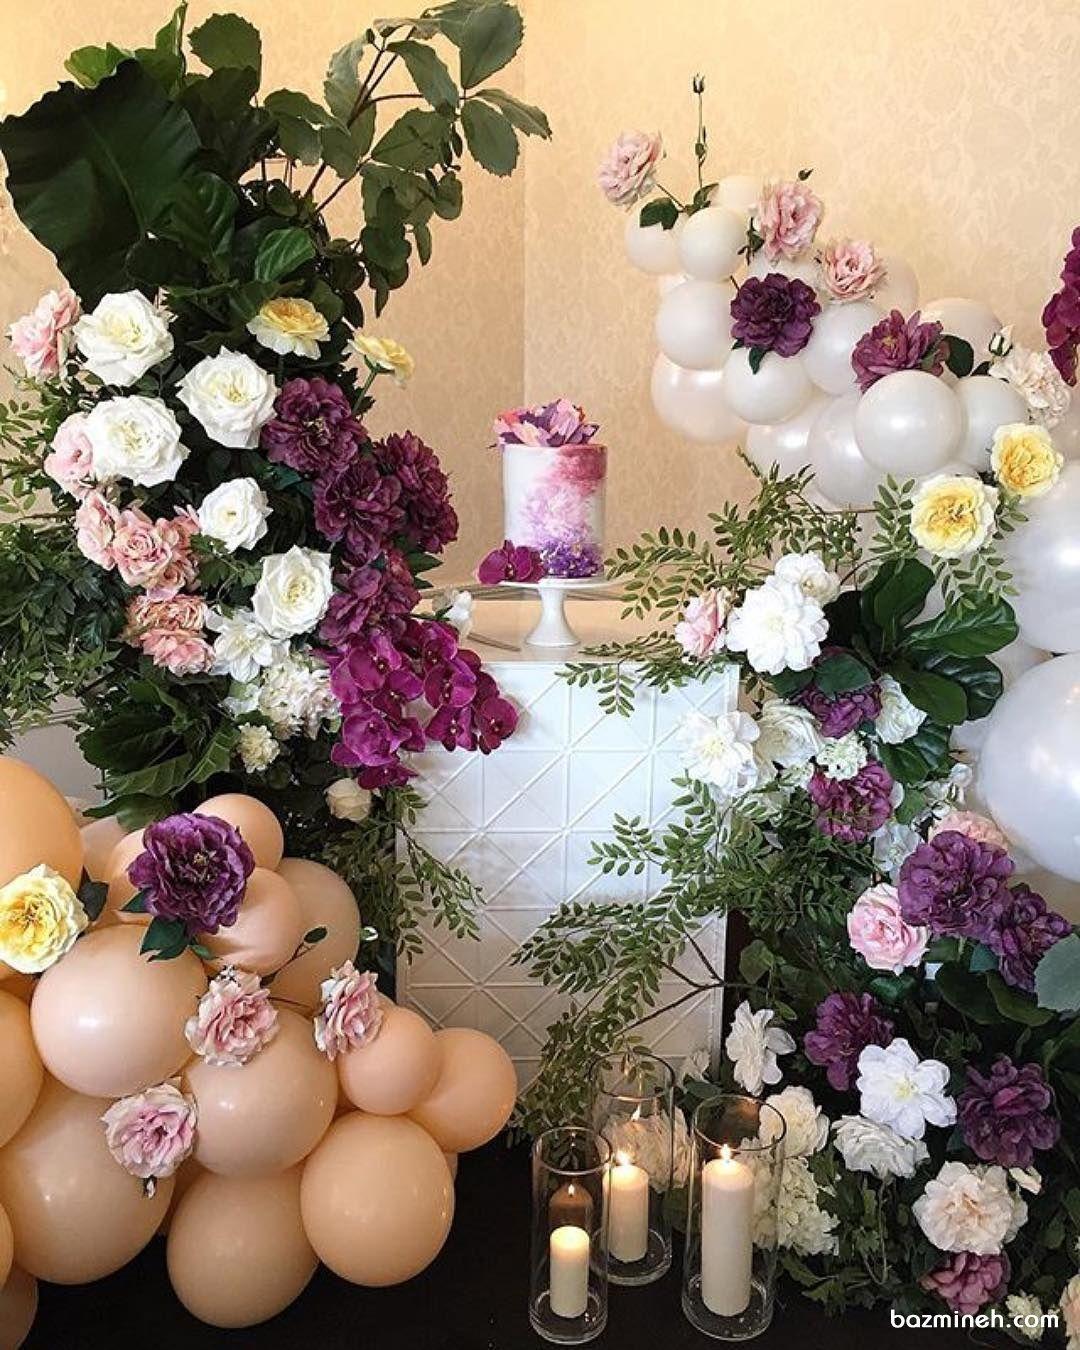 گل آرایی بادکنک آرایی و شمع آرایی شیک جشن تولد بزرگسال یا نامزدی با تم گلبهی بنفش Party Dessert Table Iranian Wedding Floral Wreath